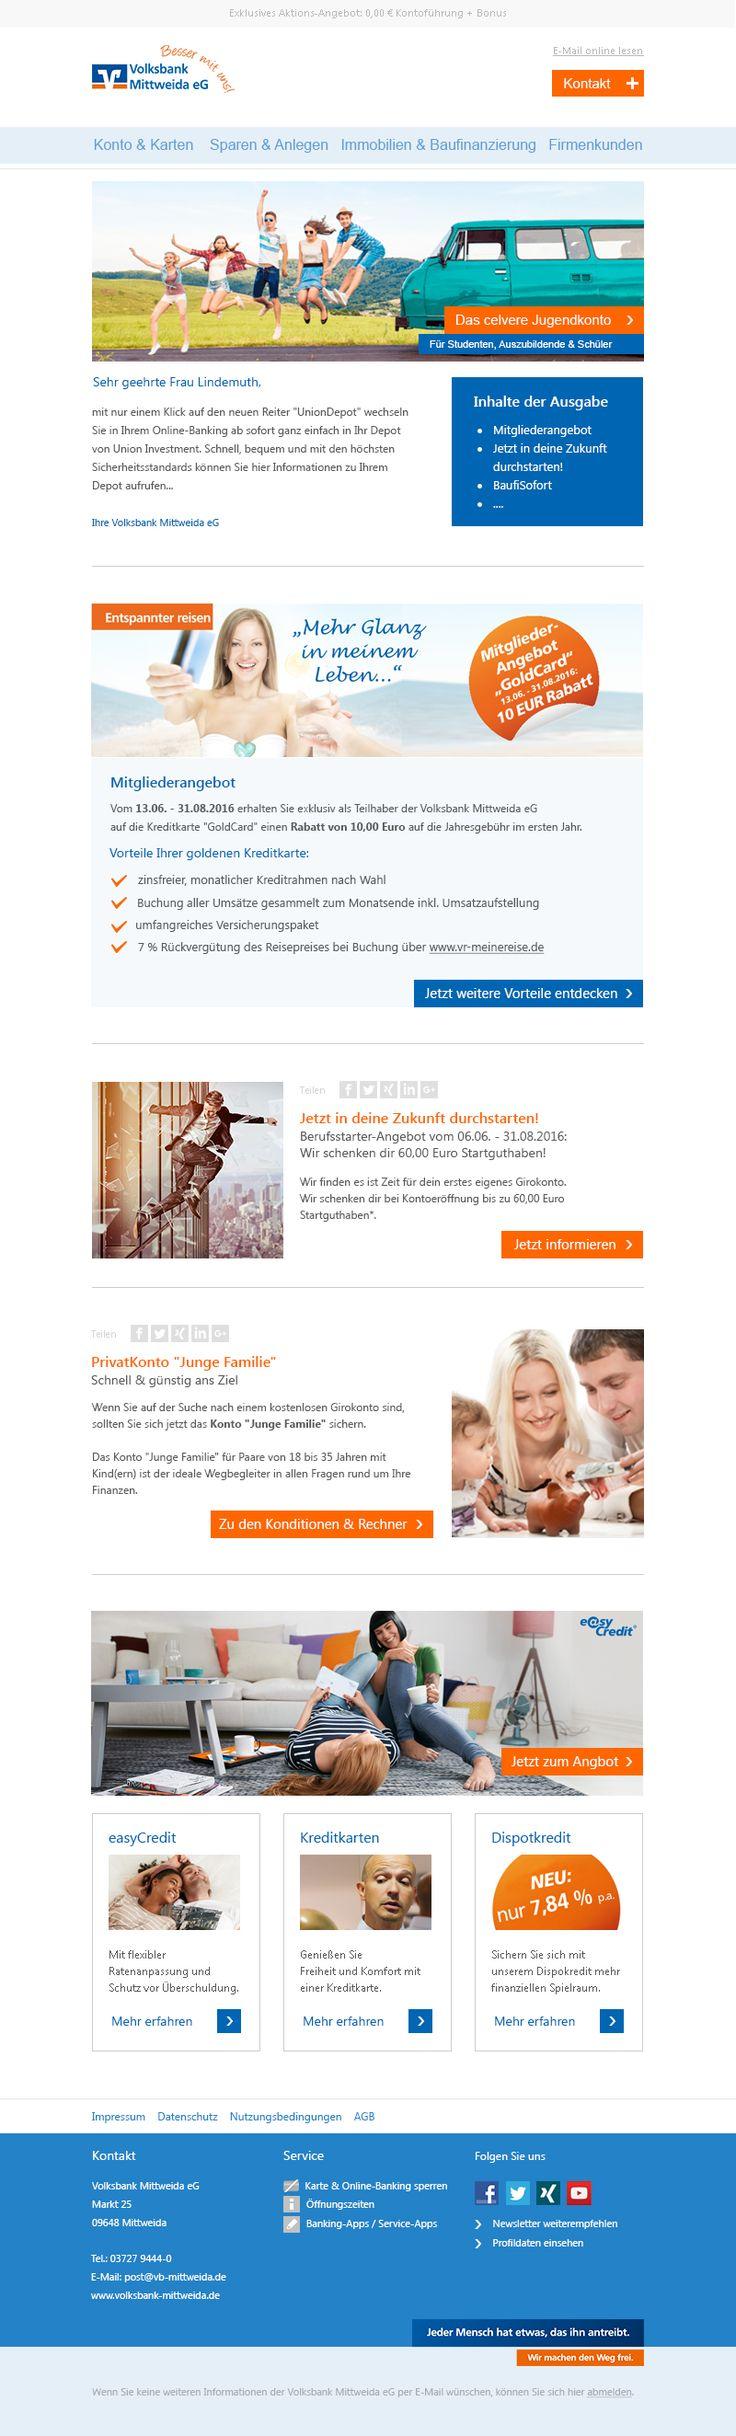 #Newsletter #Template #Emailmarketing #Volksbank